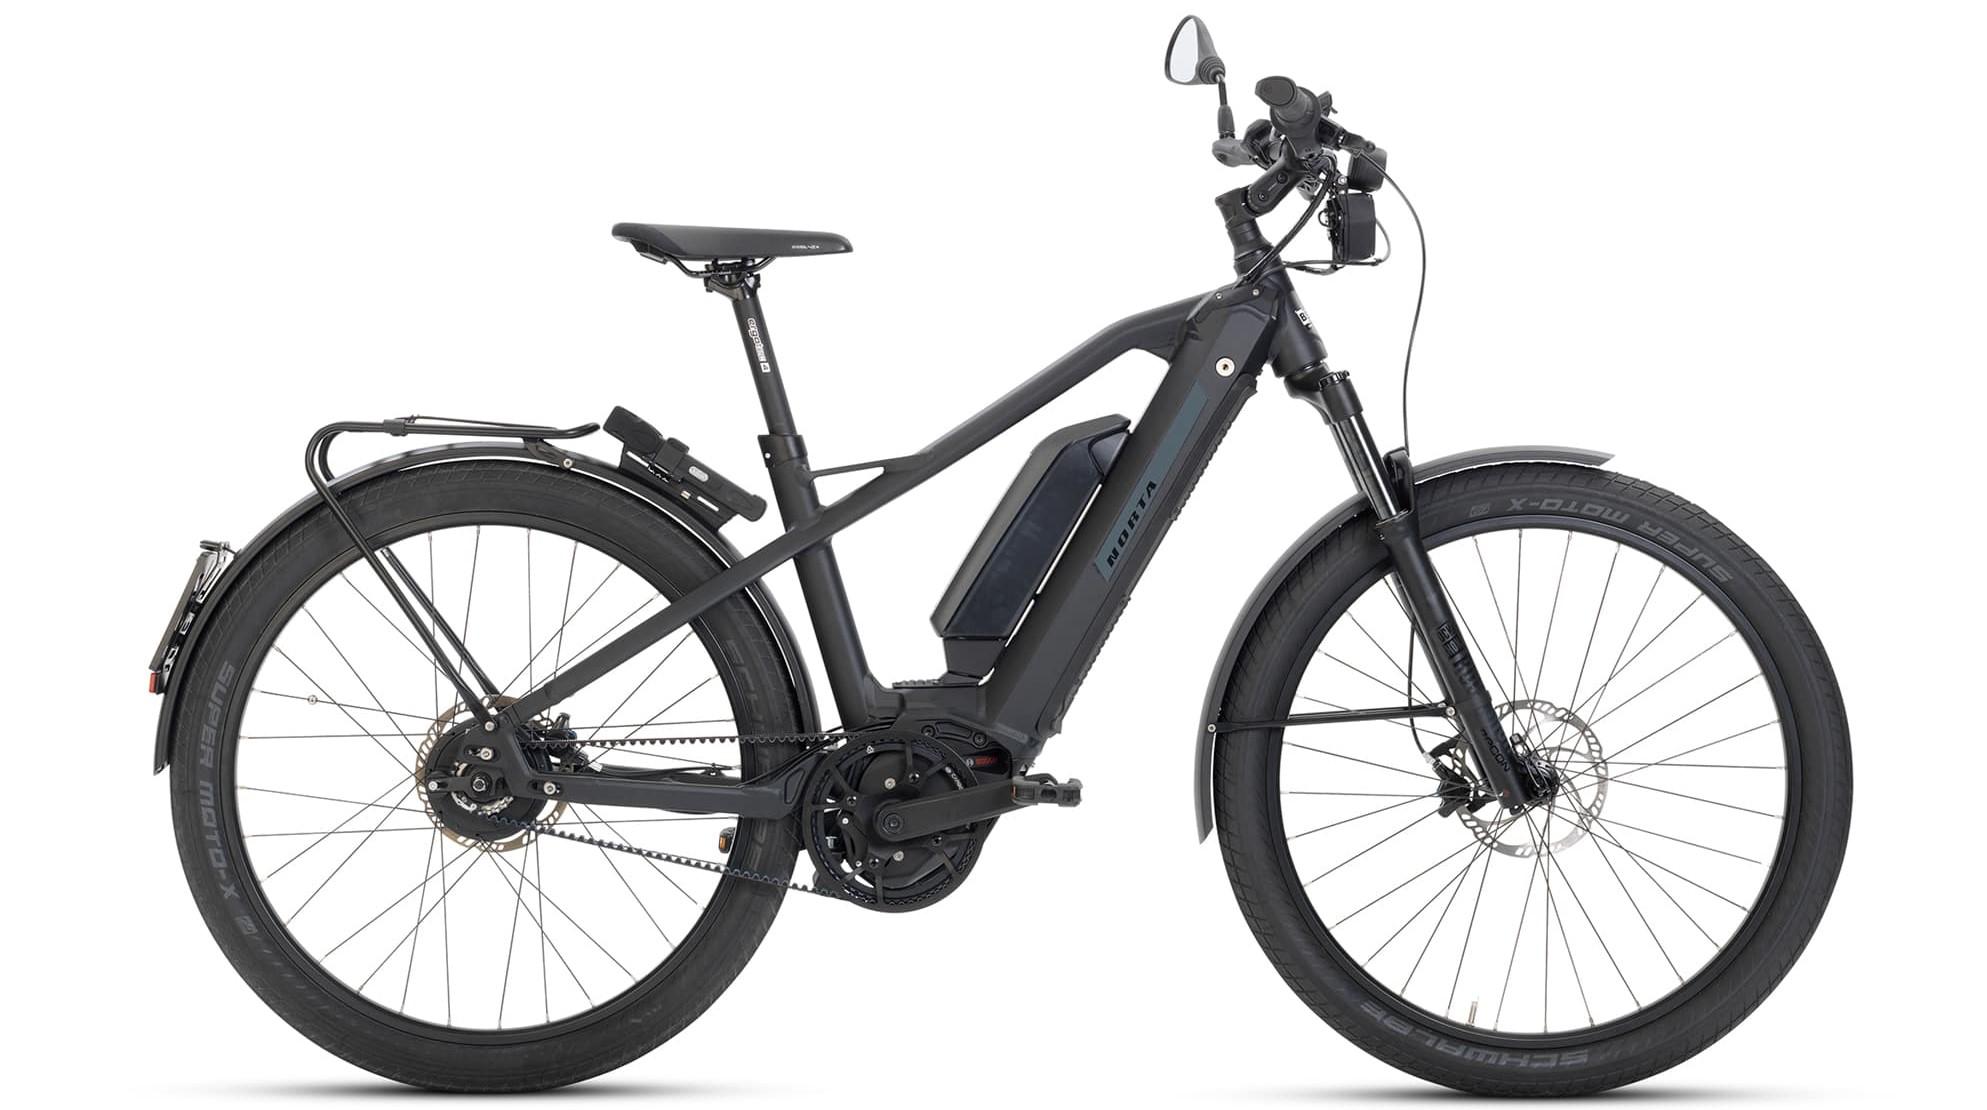 Norta speed pedelec fiets kopen Antwerpen